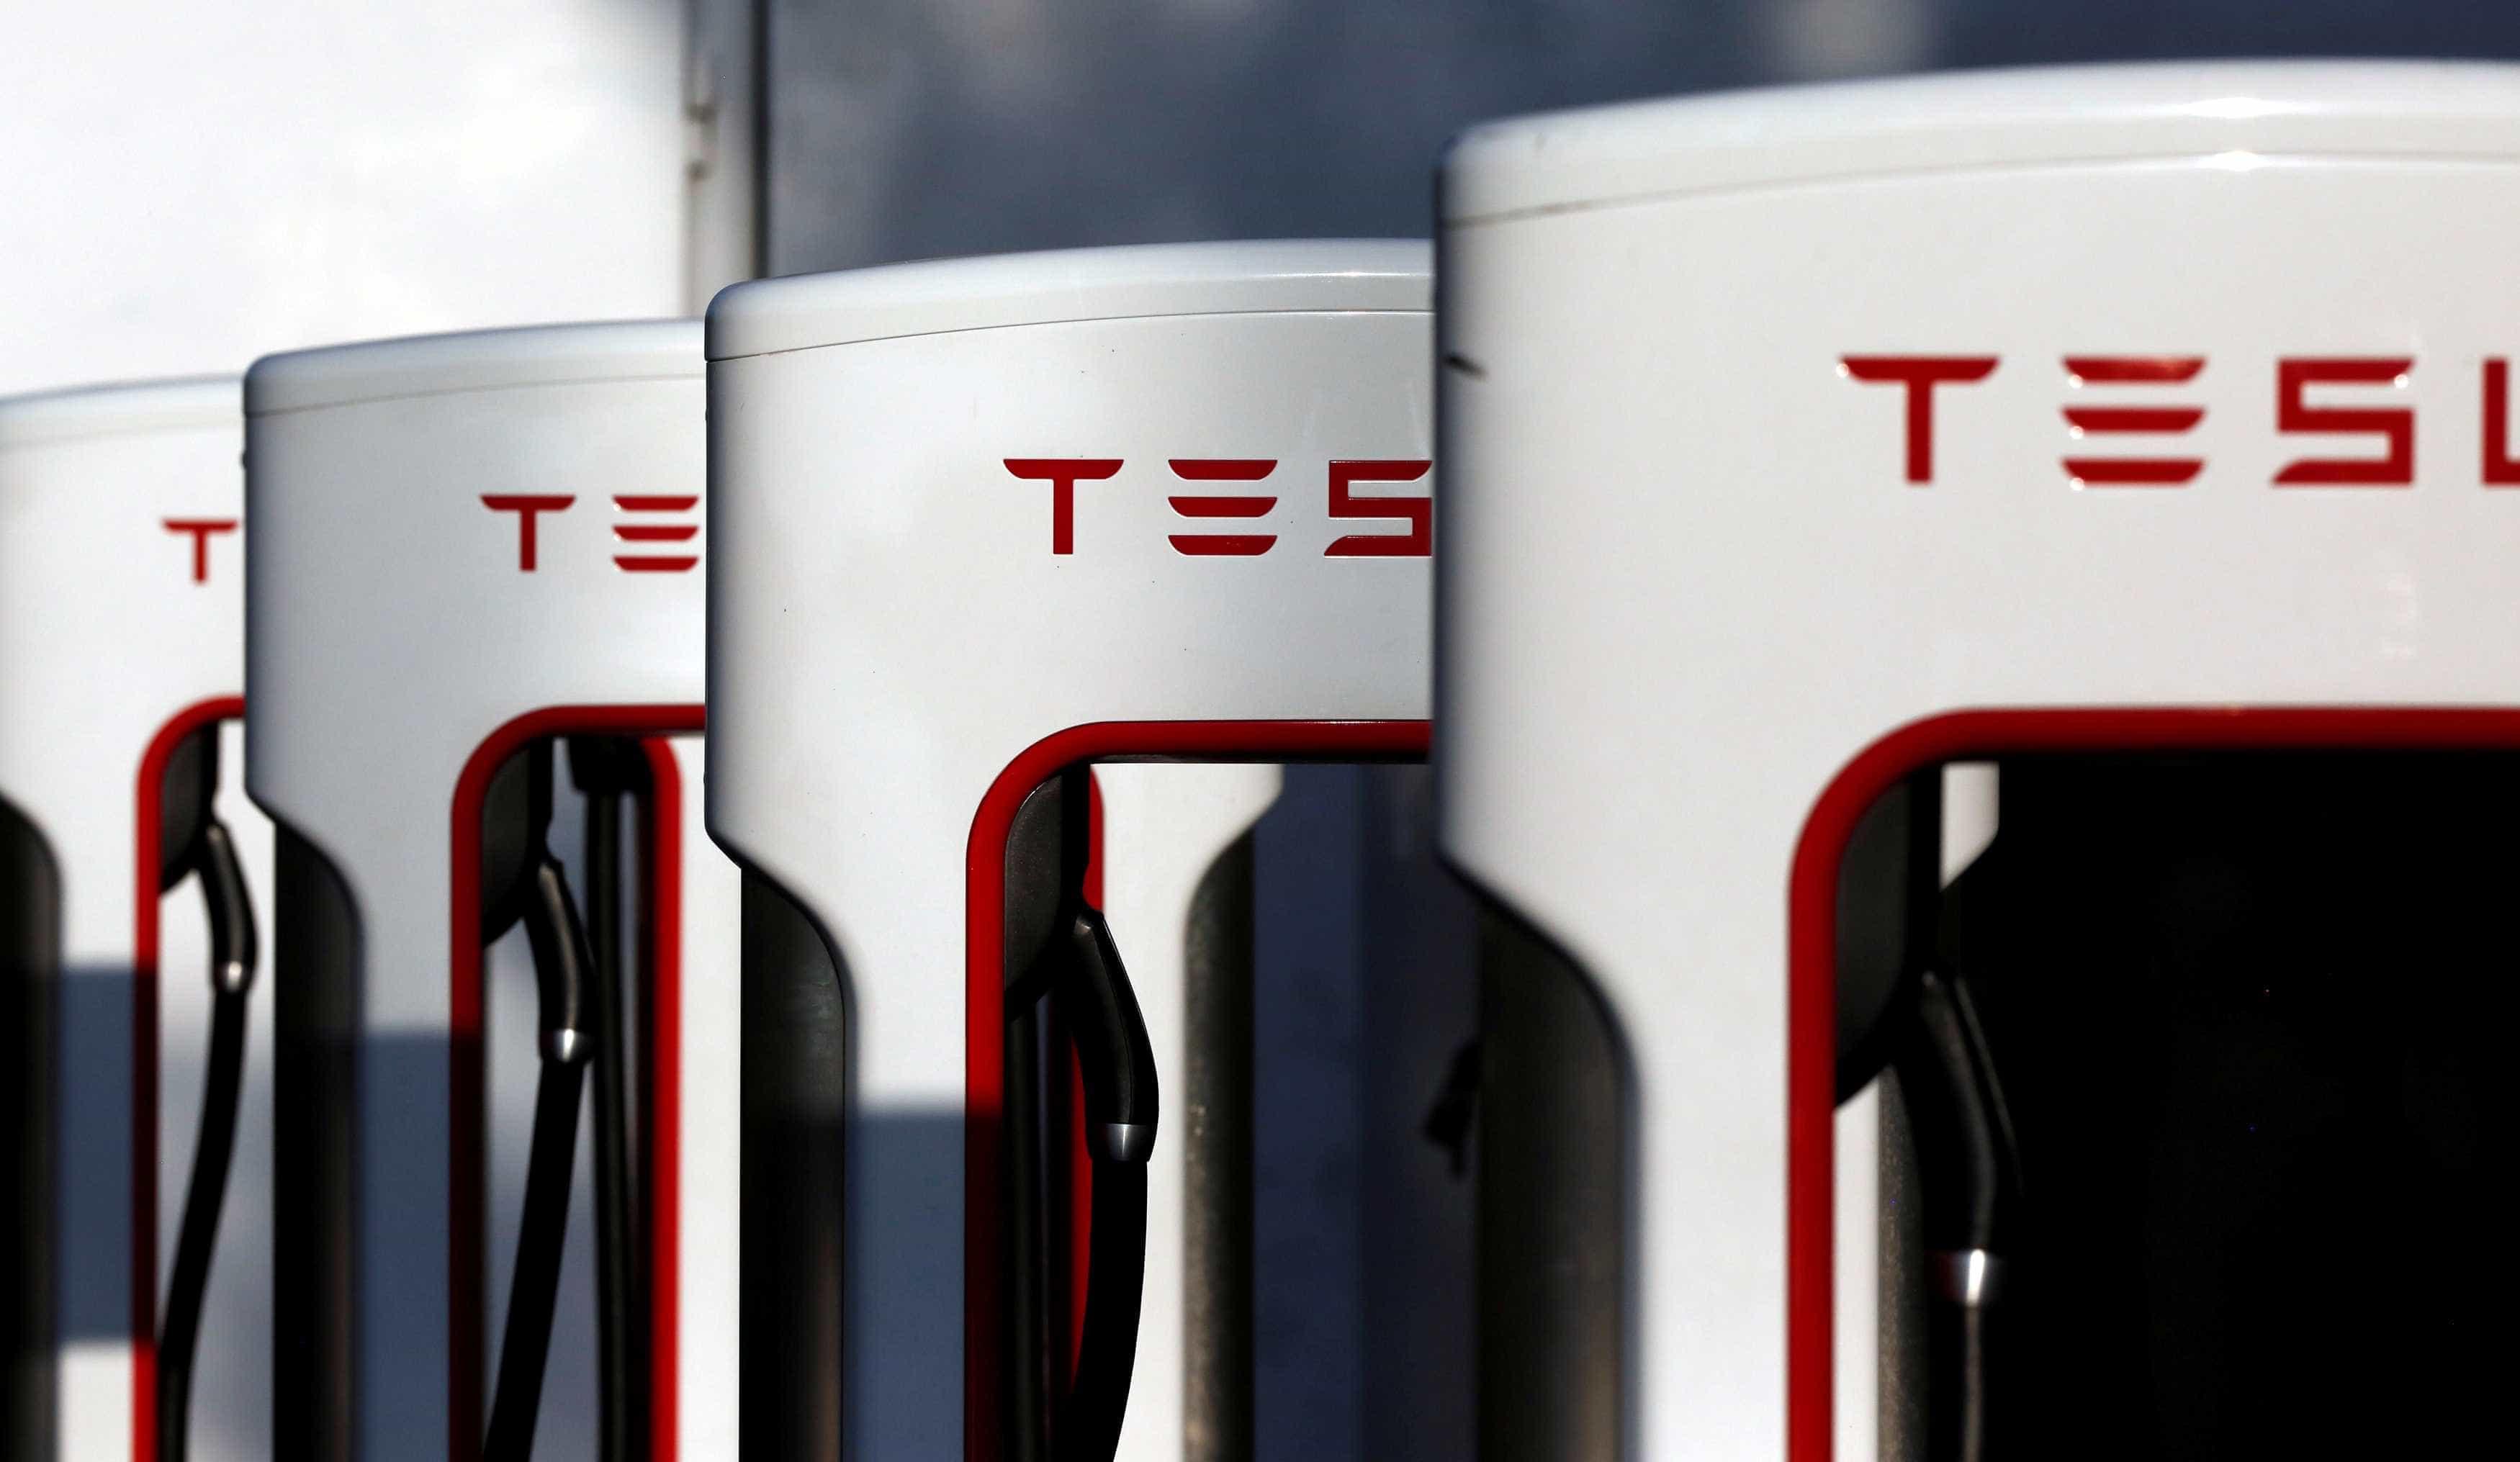 Autonomia de 120km em 5 minutos. Eis os novos carregadores da Tesla